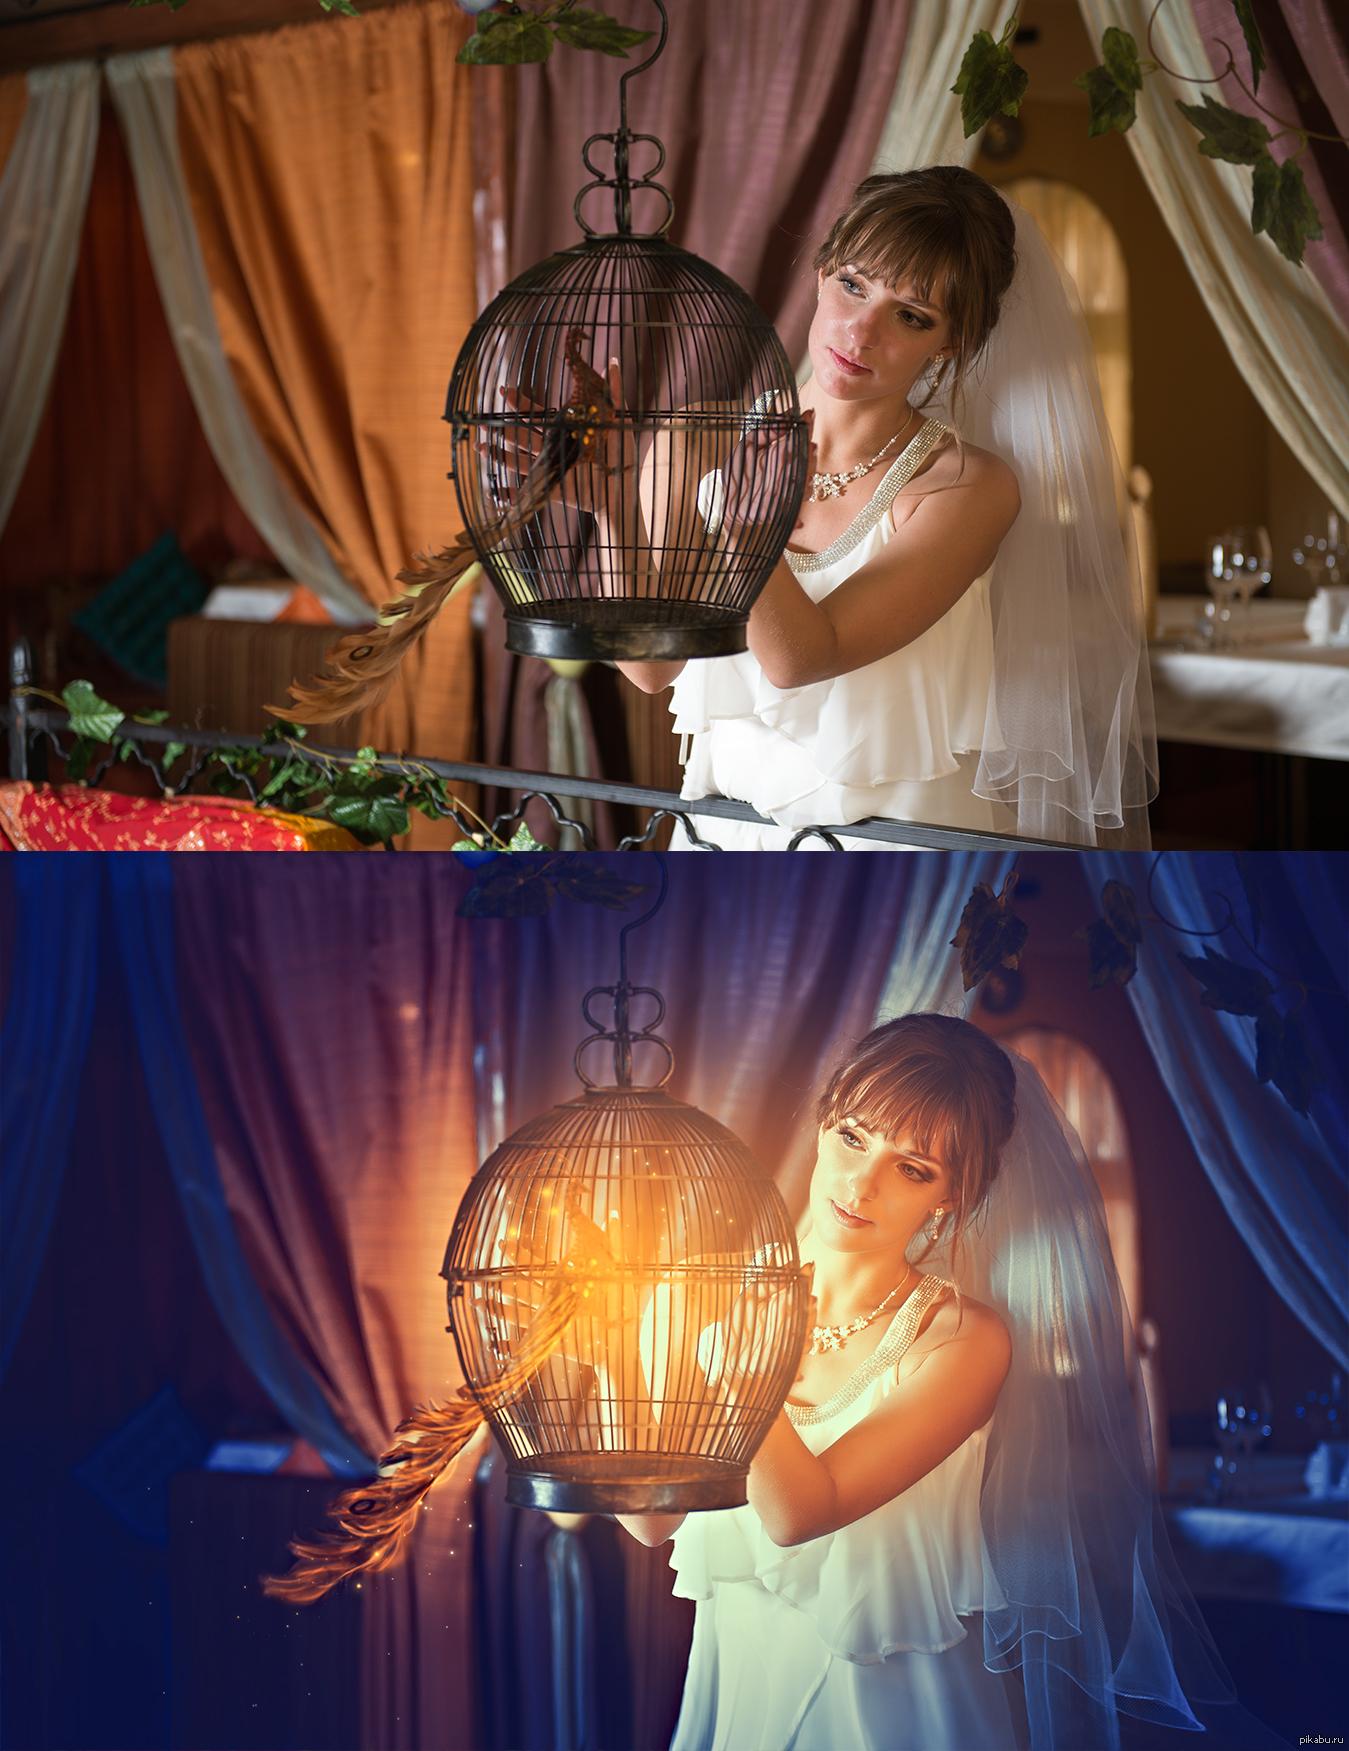 обработка фотографий в фотошопе уроки видео уроки